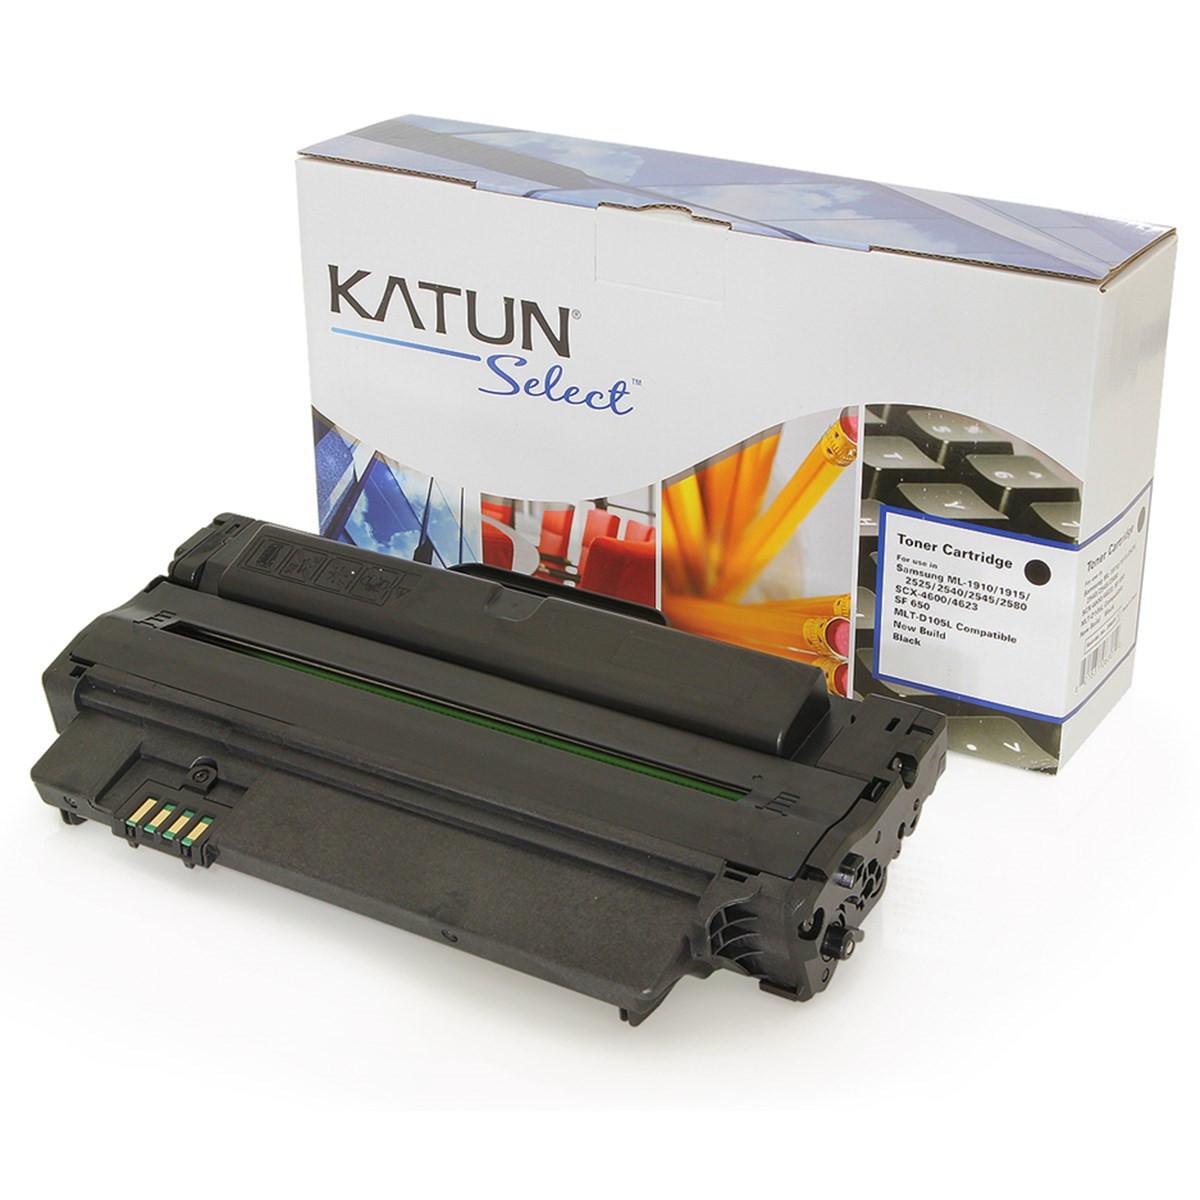 Toner Samsung MLT-D105L | ML2525W SCX4623FW SCX4600 ML1910 ML2525 | Katun Select 2.5k